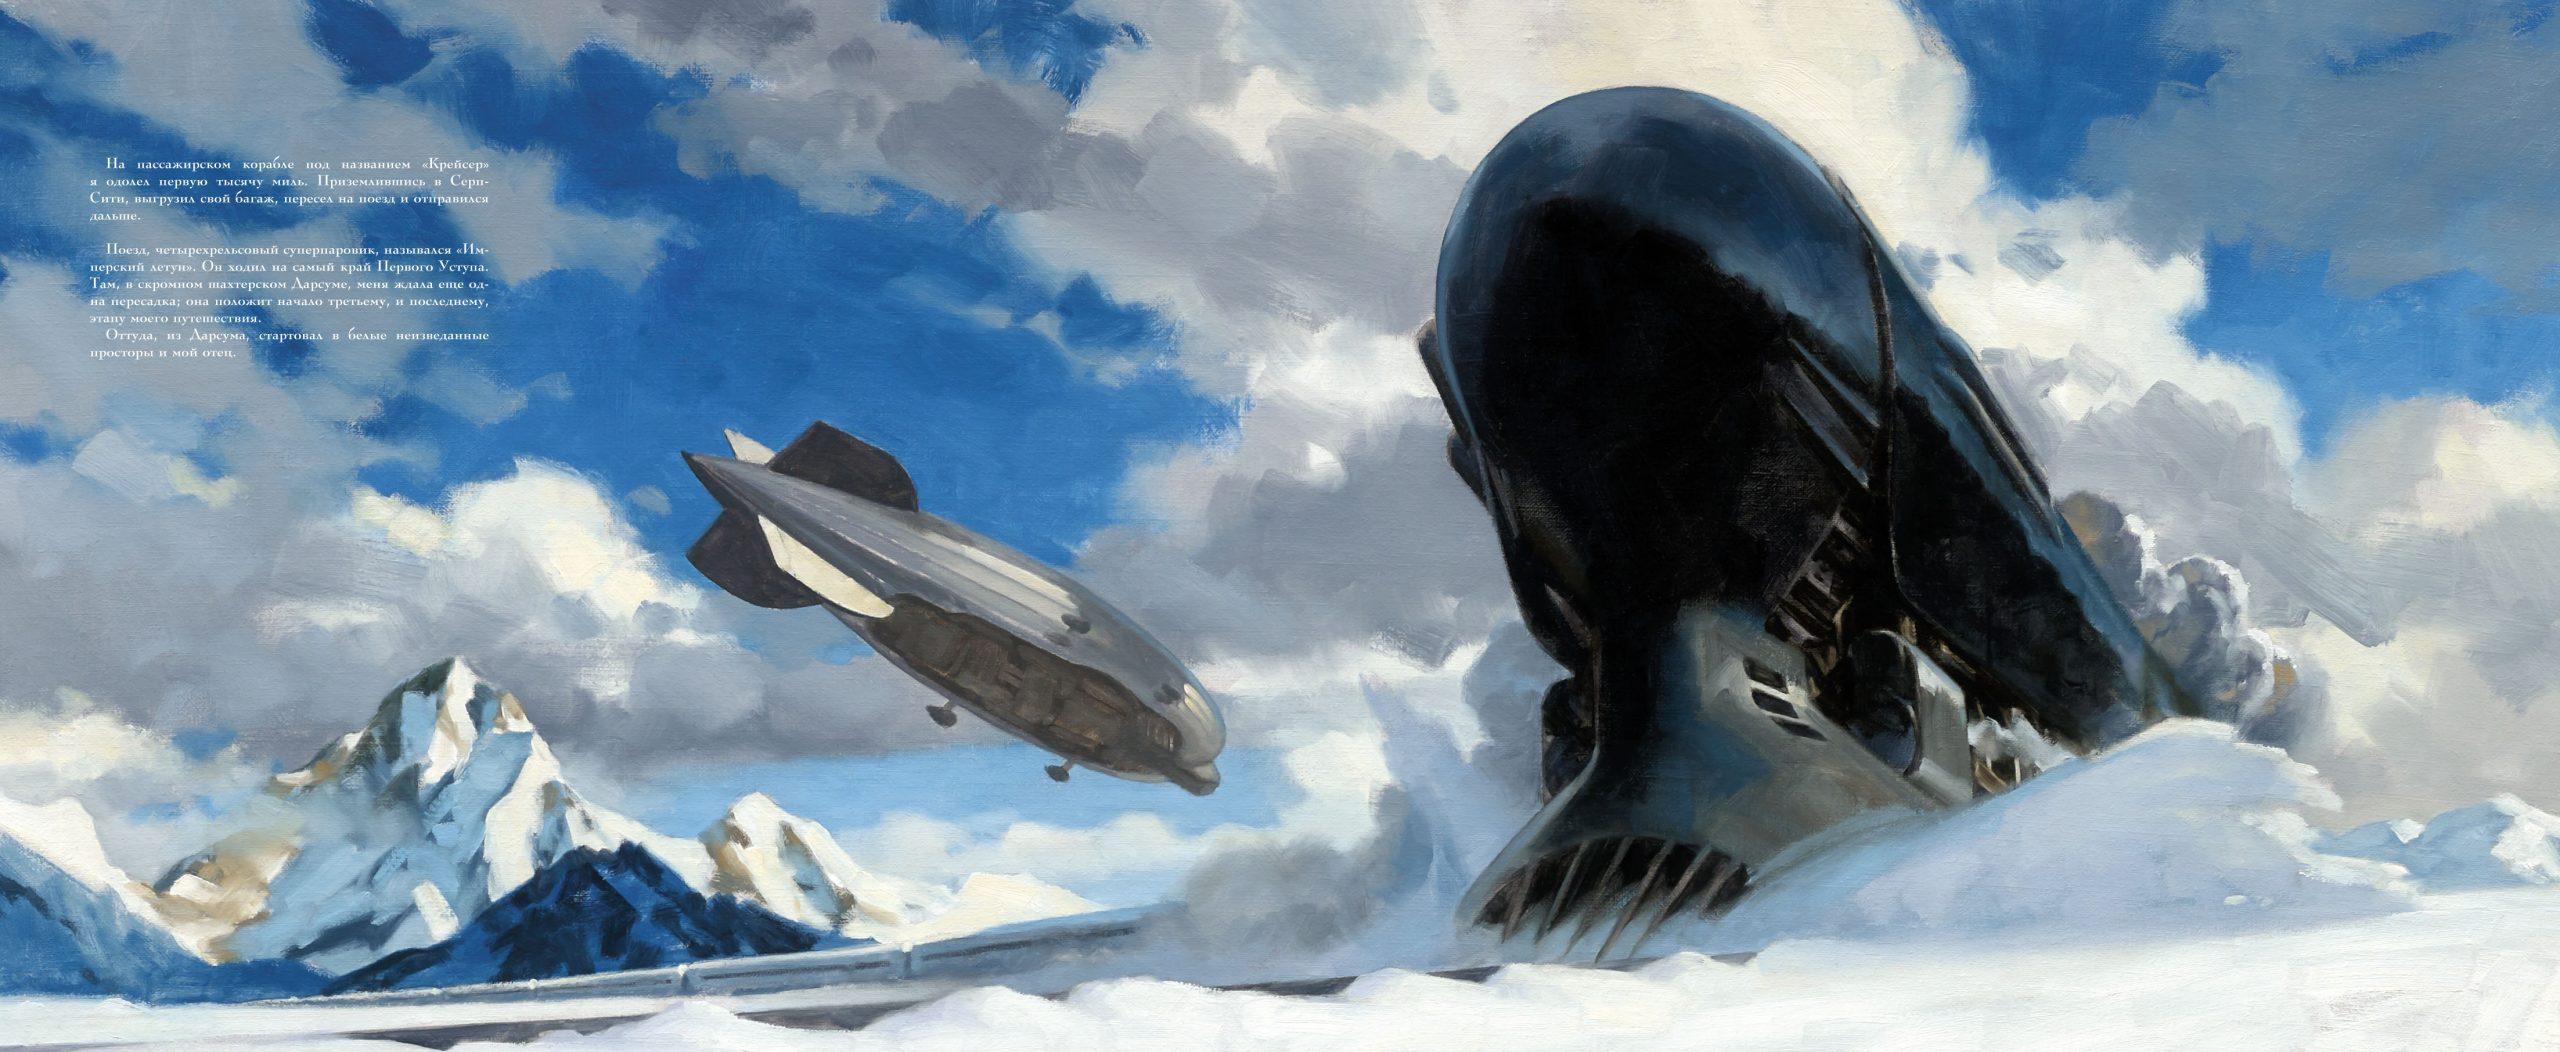 «Дневник Уэса»: отрывок изиллюстрированного романа «В ледяном плену» Грегори Манчесса 11